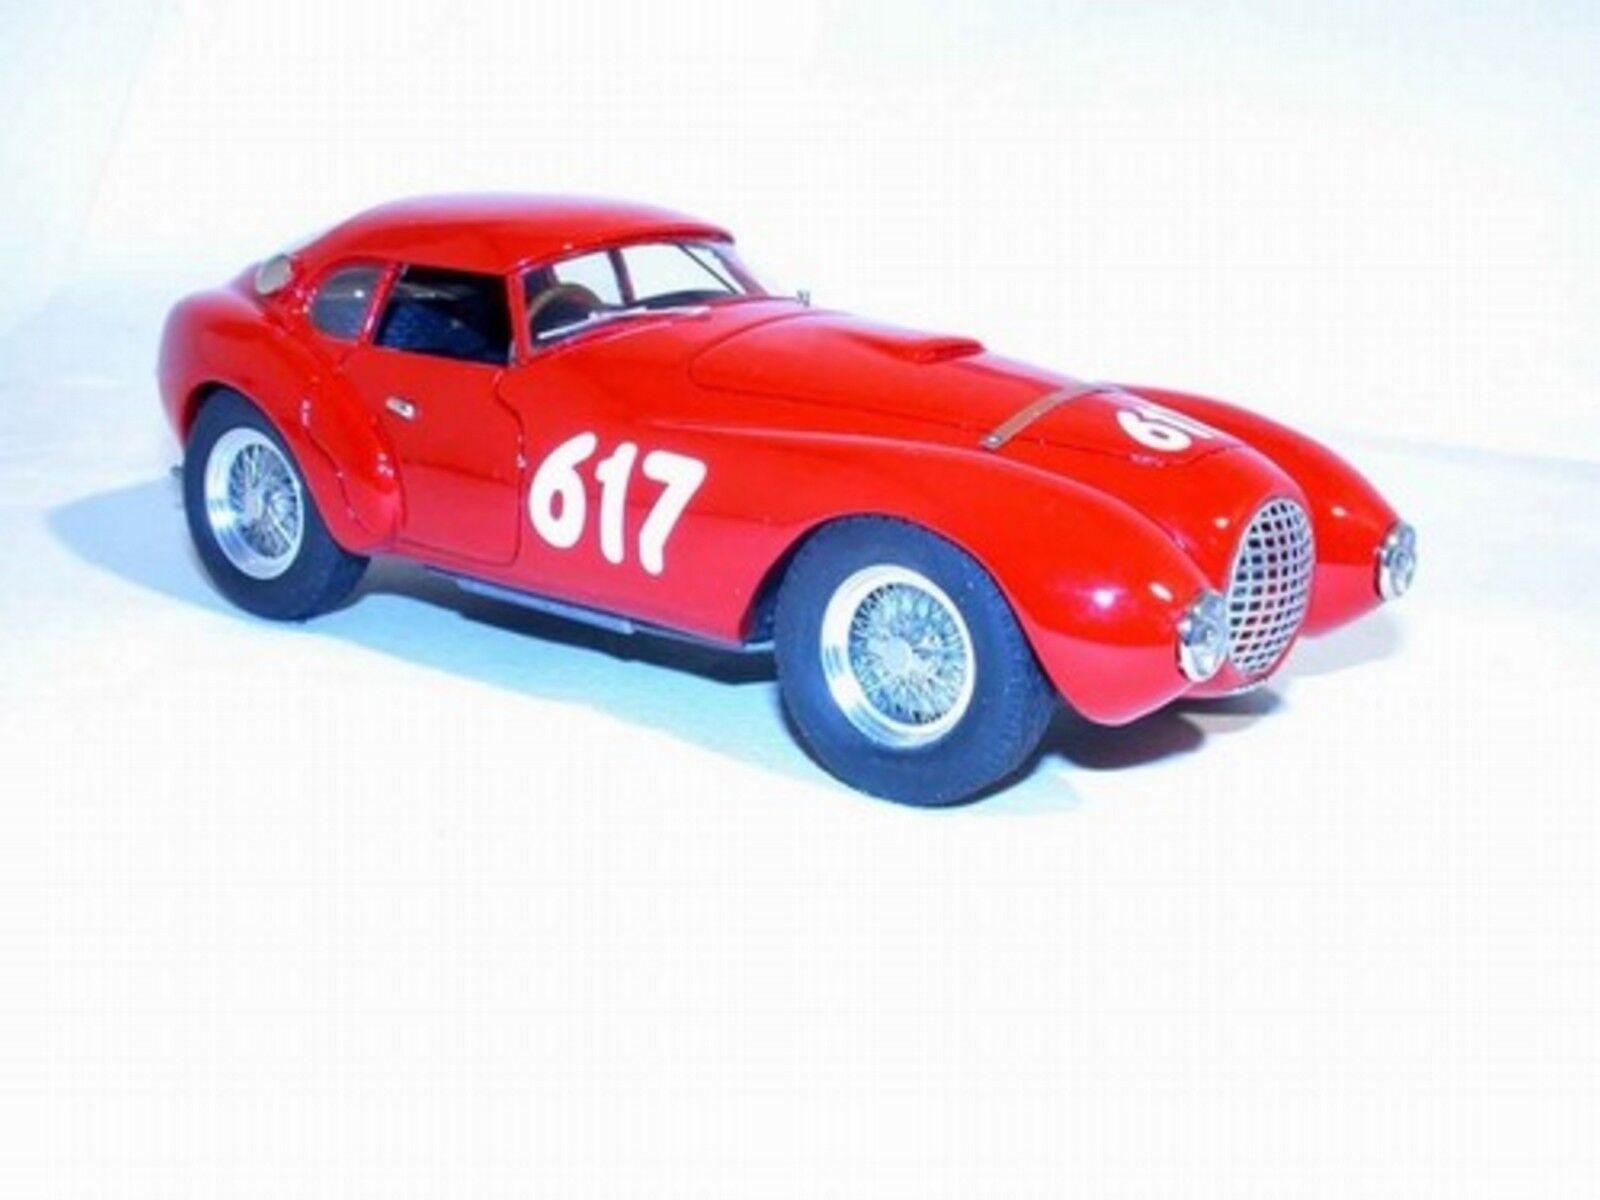 kit Ferrari 212 Uovo Marzotto  617 Mille Miglia 1952 - Tron Models kit 1 24